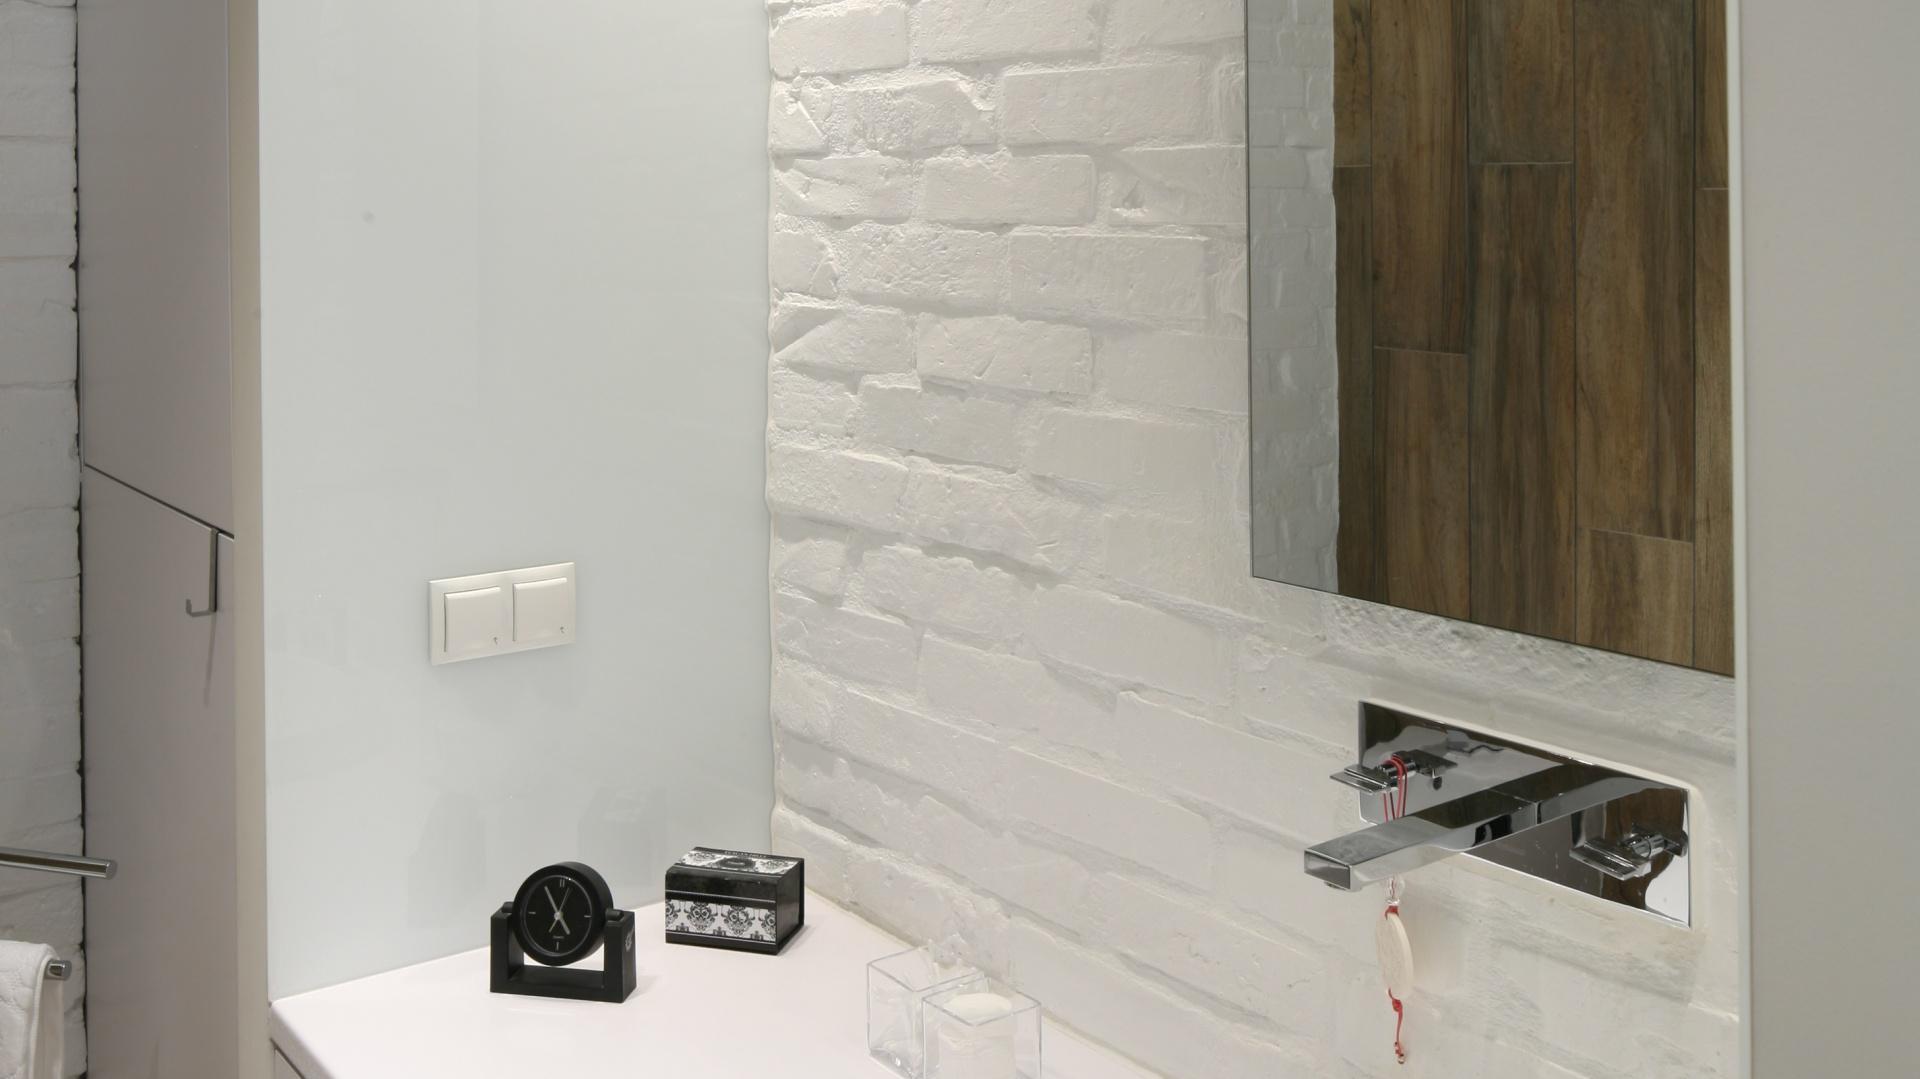 Projekt zabudowy meblowej z białego lakierowanego MDF-u uwzględnia szafki, głęboką szufladę pod umywalką oraz wysoką szafę, wktórej zabudowano pralkę ielementy łazienkowej instalacji. Bok szafy oraz taki sam fragment płyty po drugiej stronie  zabudowy tworzy efektowne obramowanie. Fot. Bartosz Jarosz